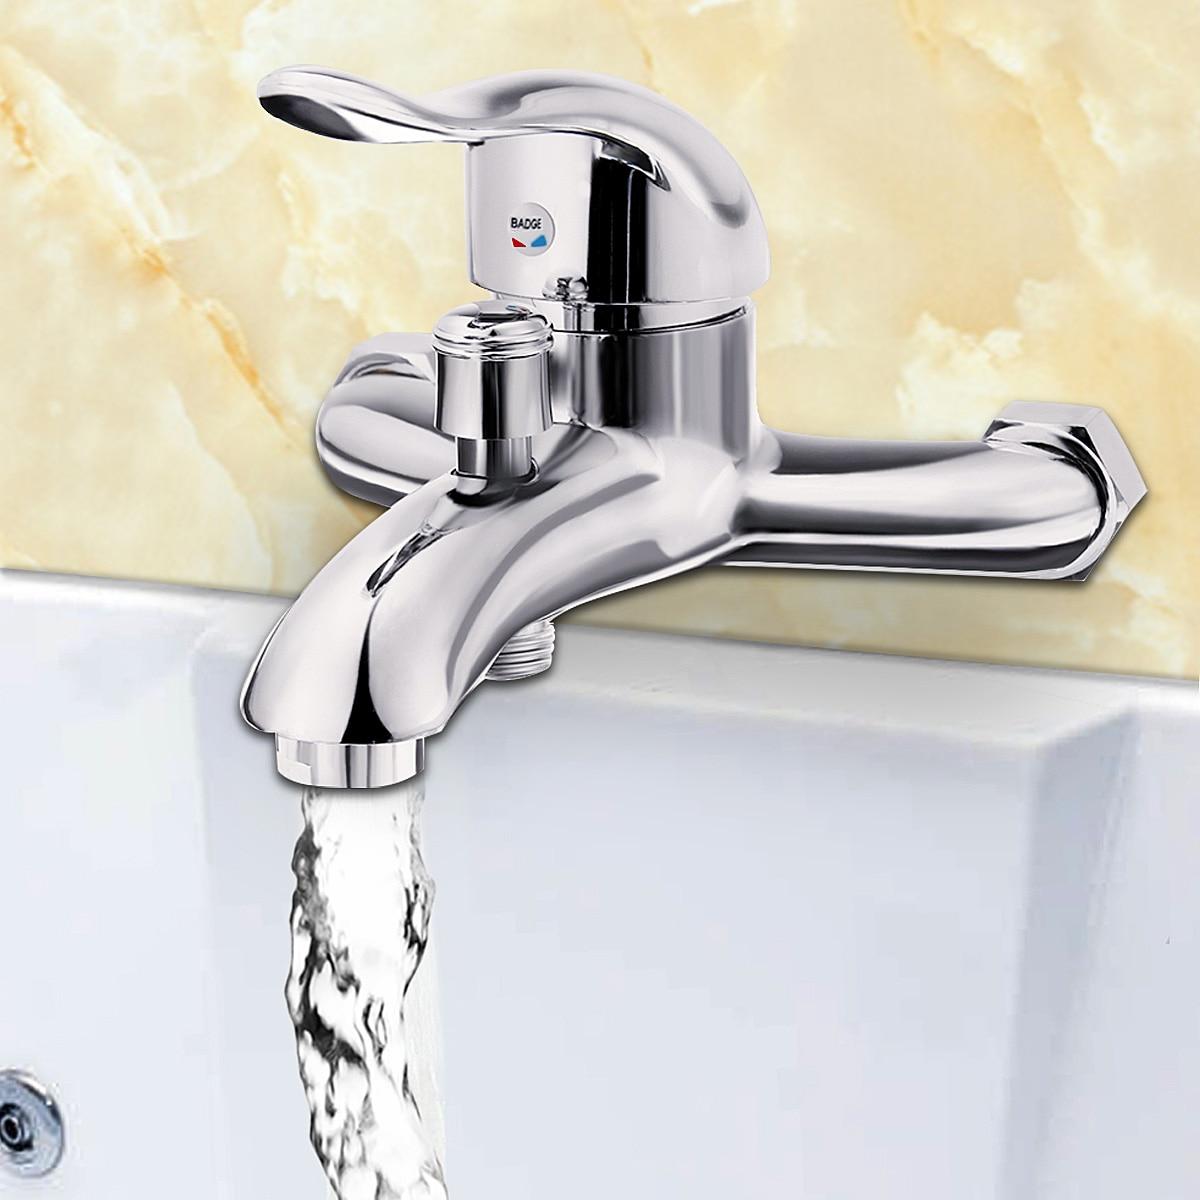 Xueqin cromo lucido parete bagno montato rubinetto vasca da bagno rubinetto miscelatore tap - Rubinetto a parete bagno ...